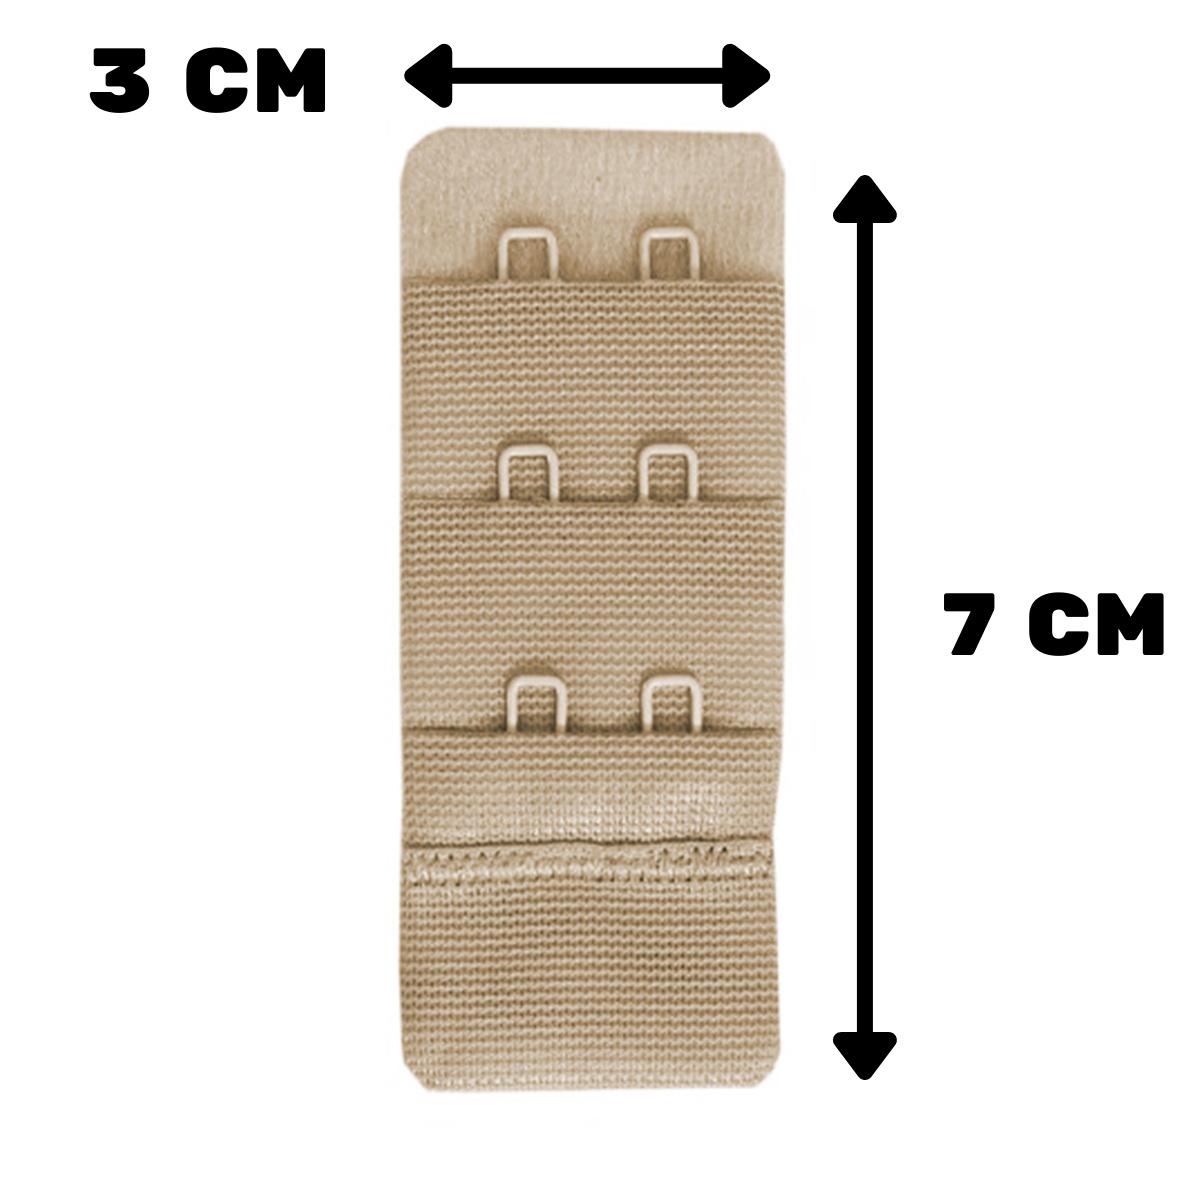 Extensor de sutiã alargar costas e aumentar comprimento